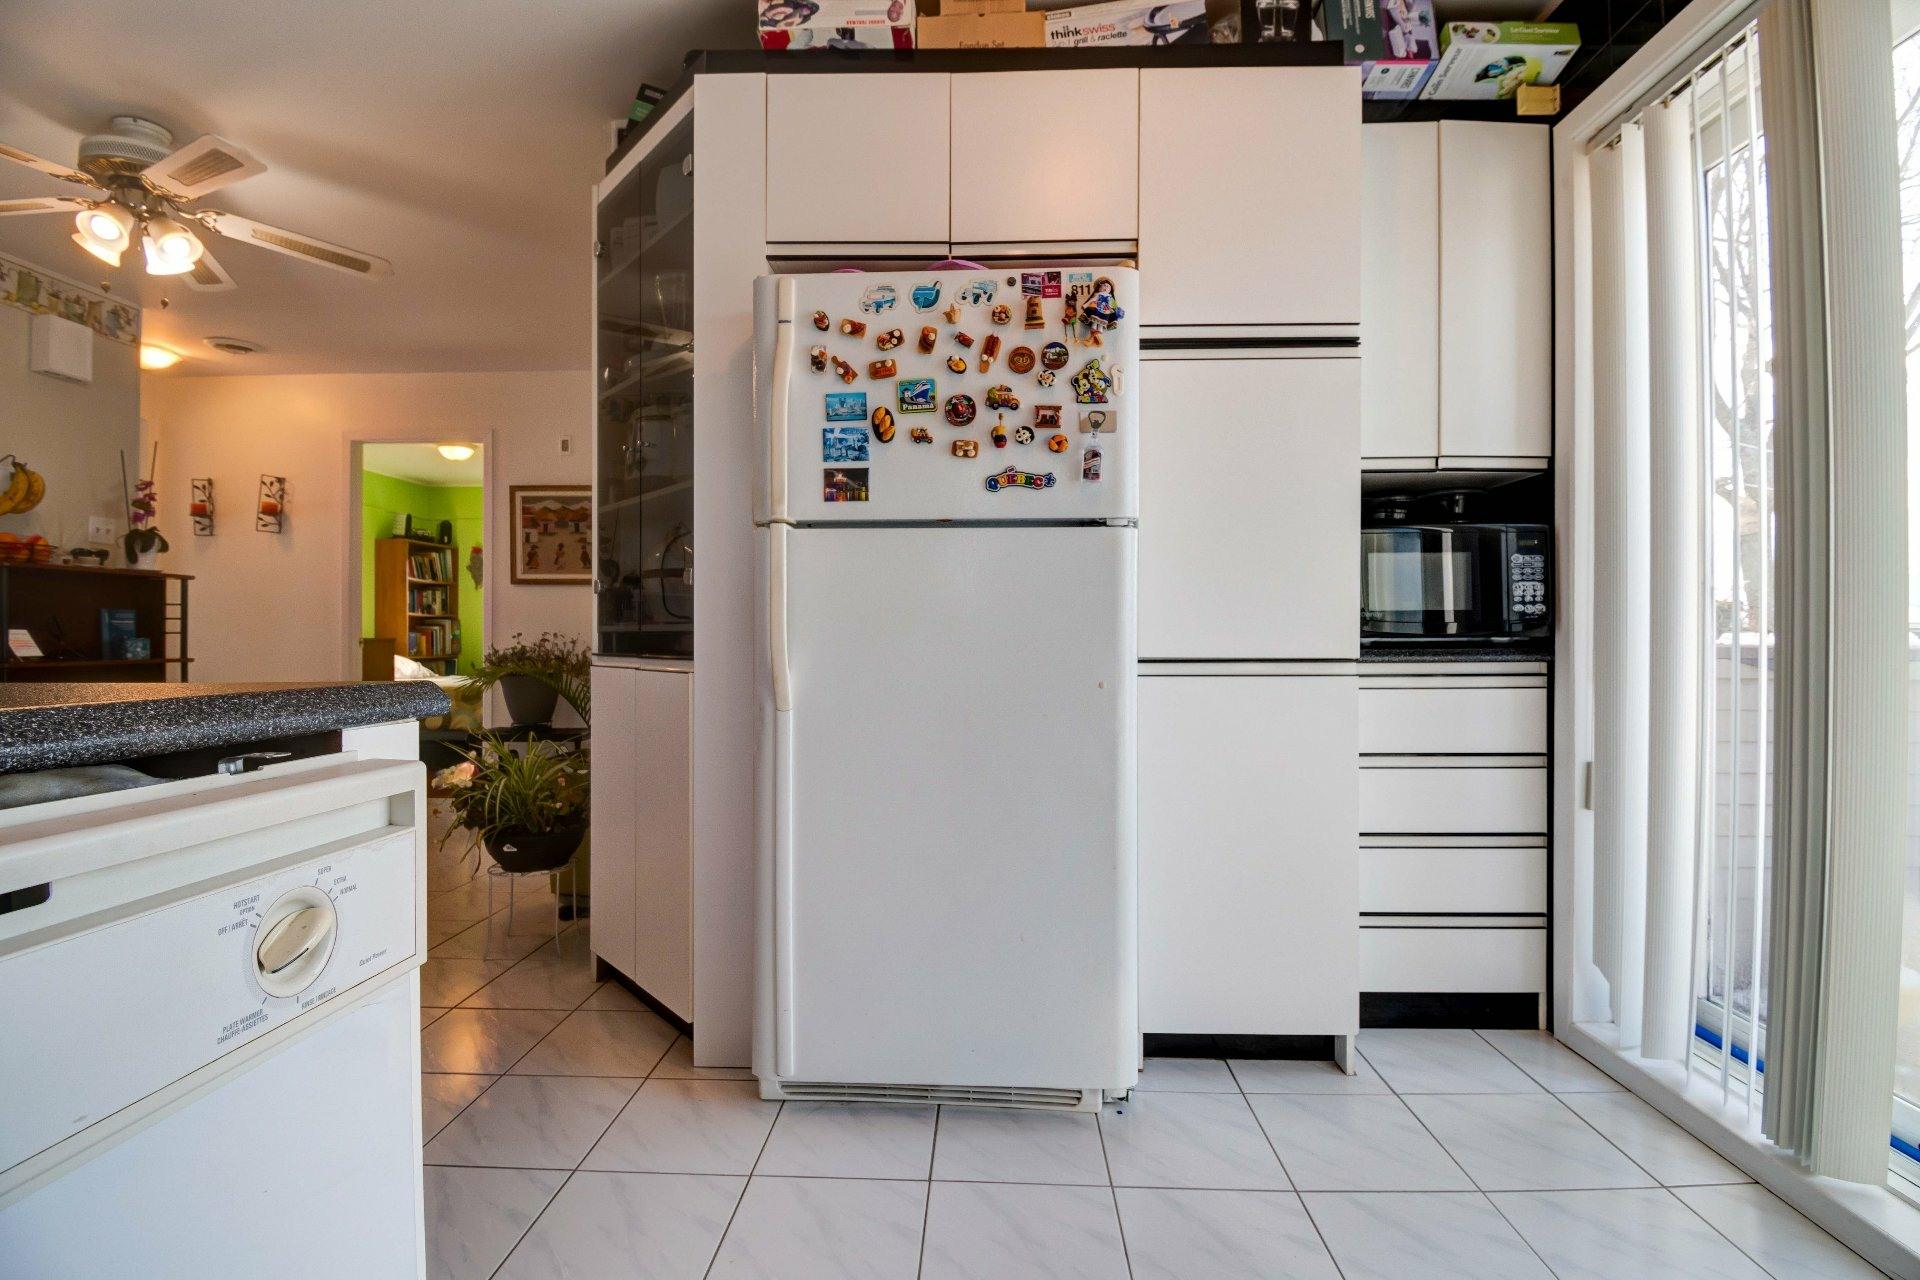 image 6 - Duplex À vendre Trois-Rivières - 6 pièces